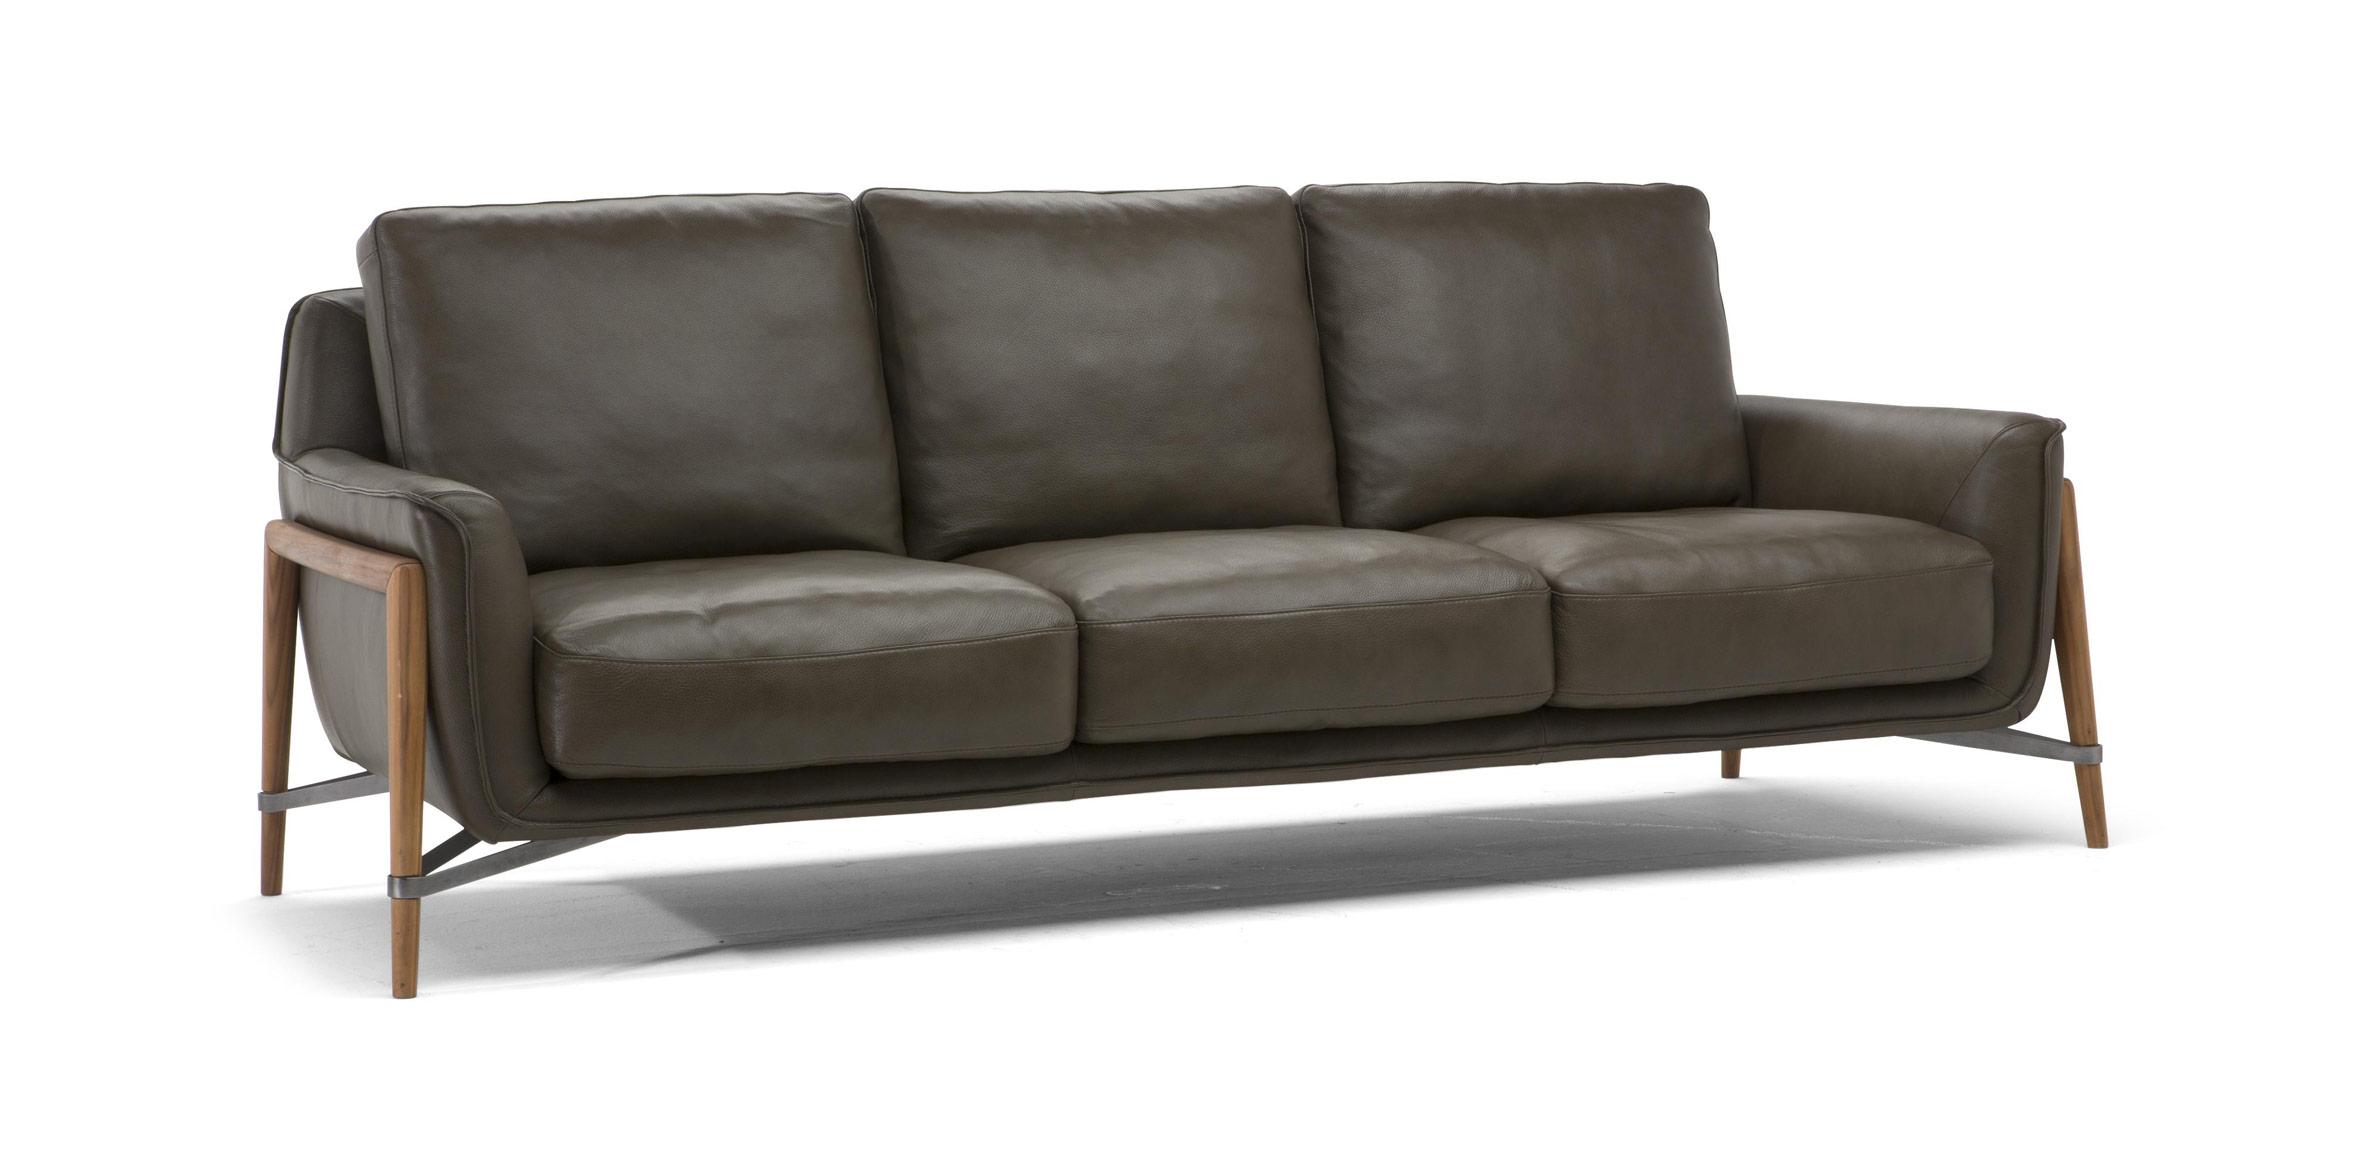 Natuzzi Furniture Attractive Home Design